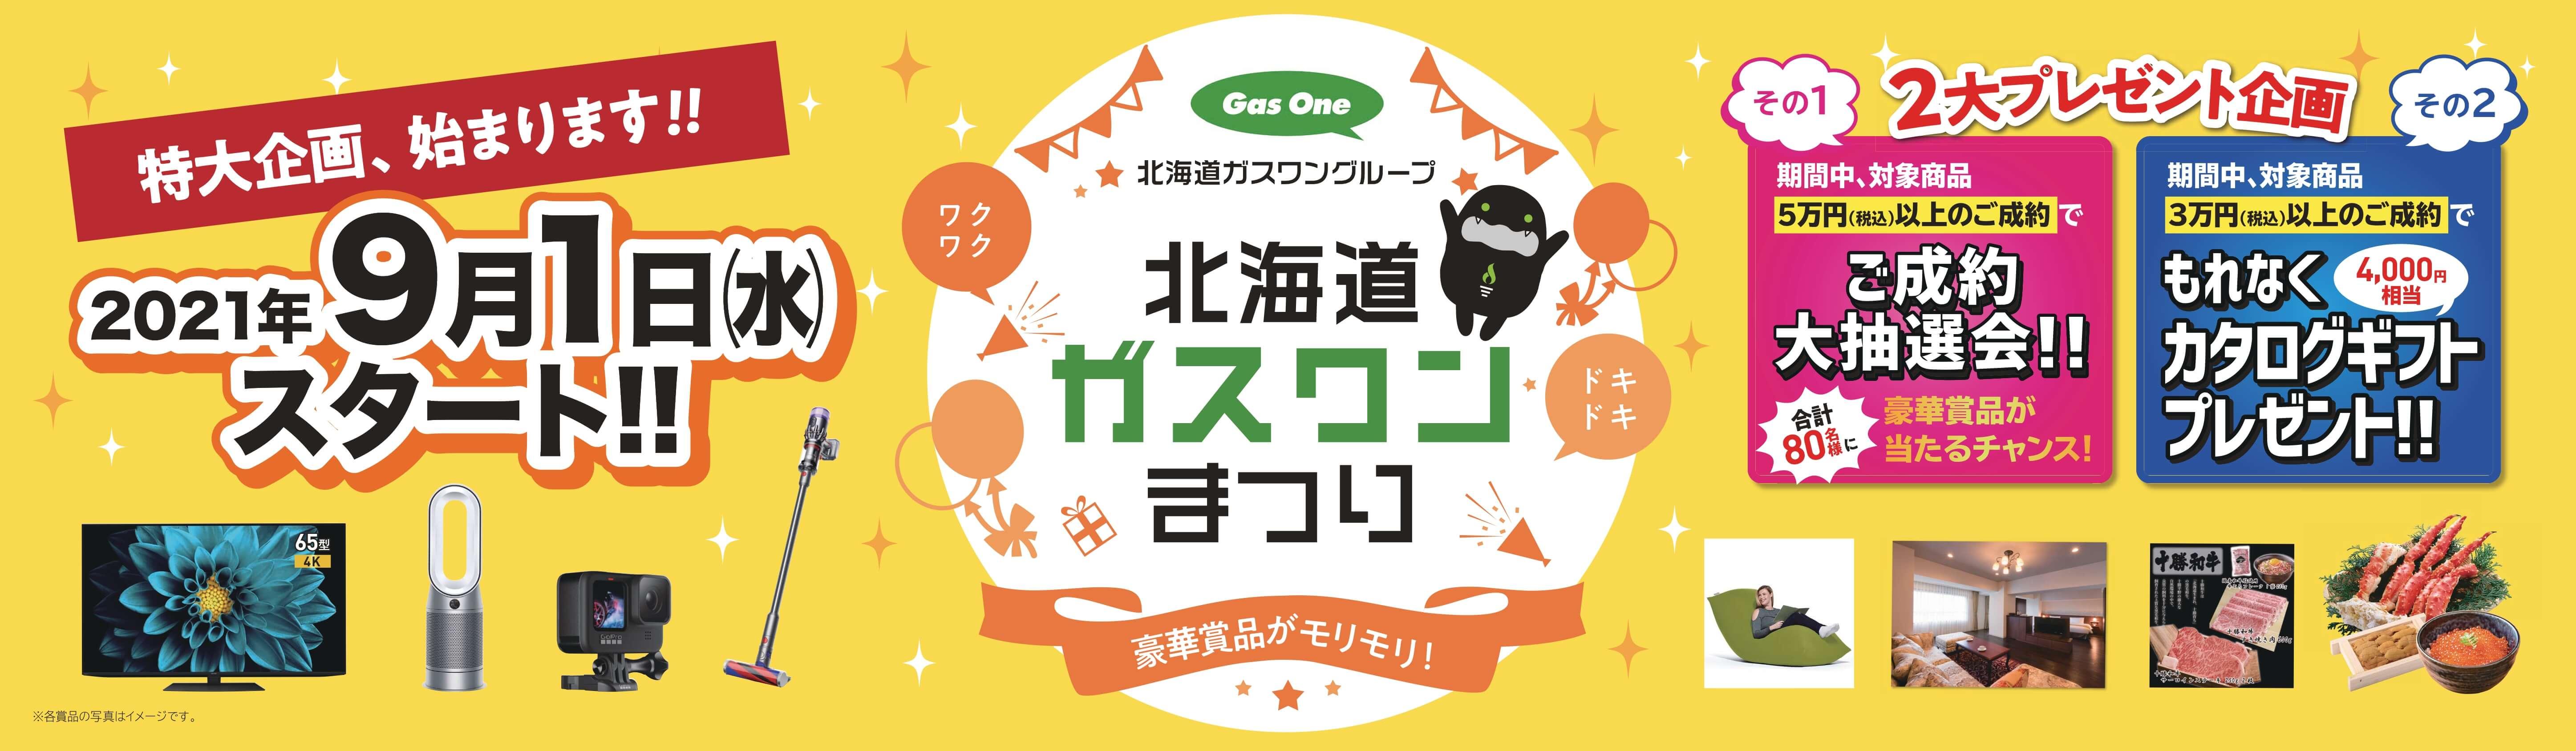 北海道ガスワン祭り